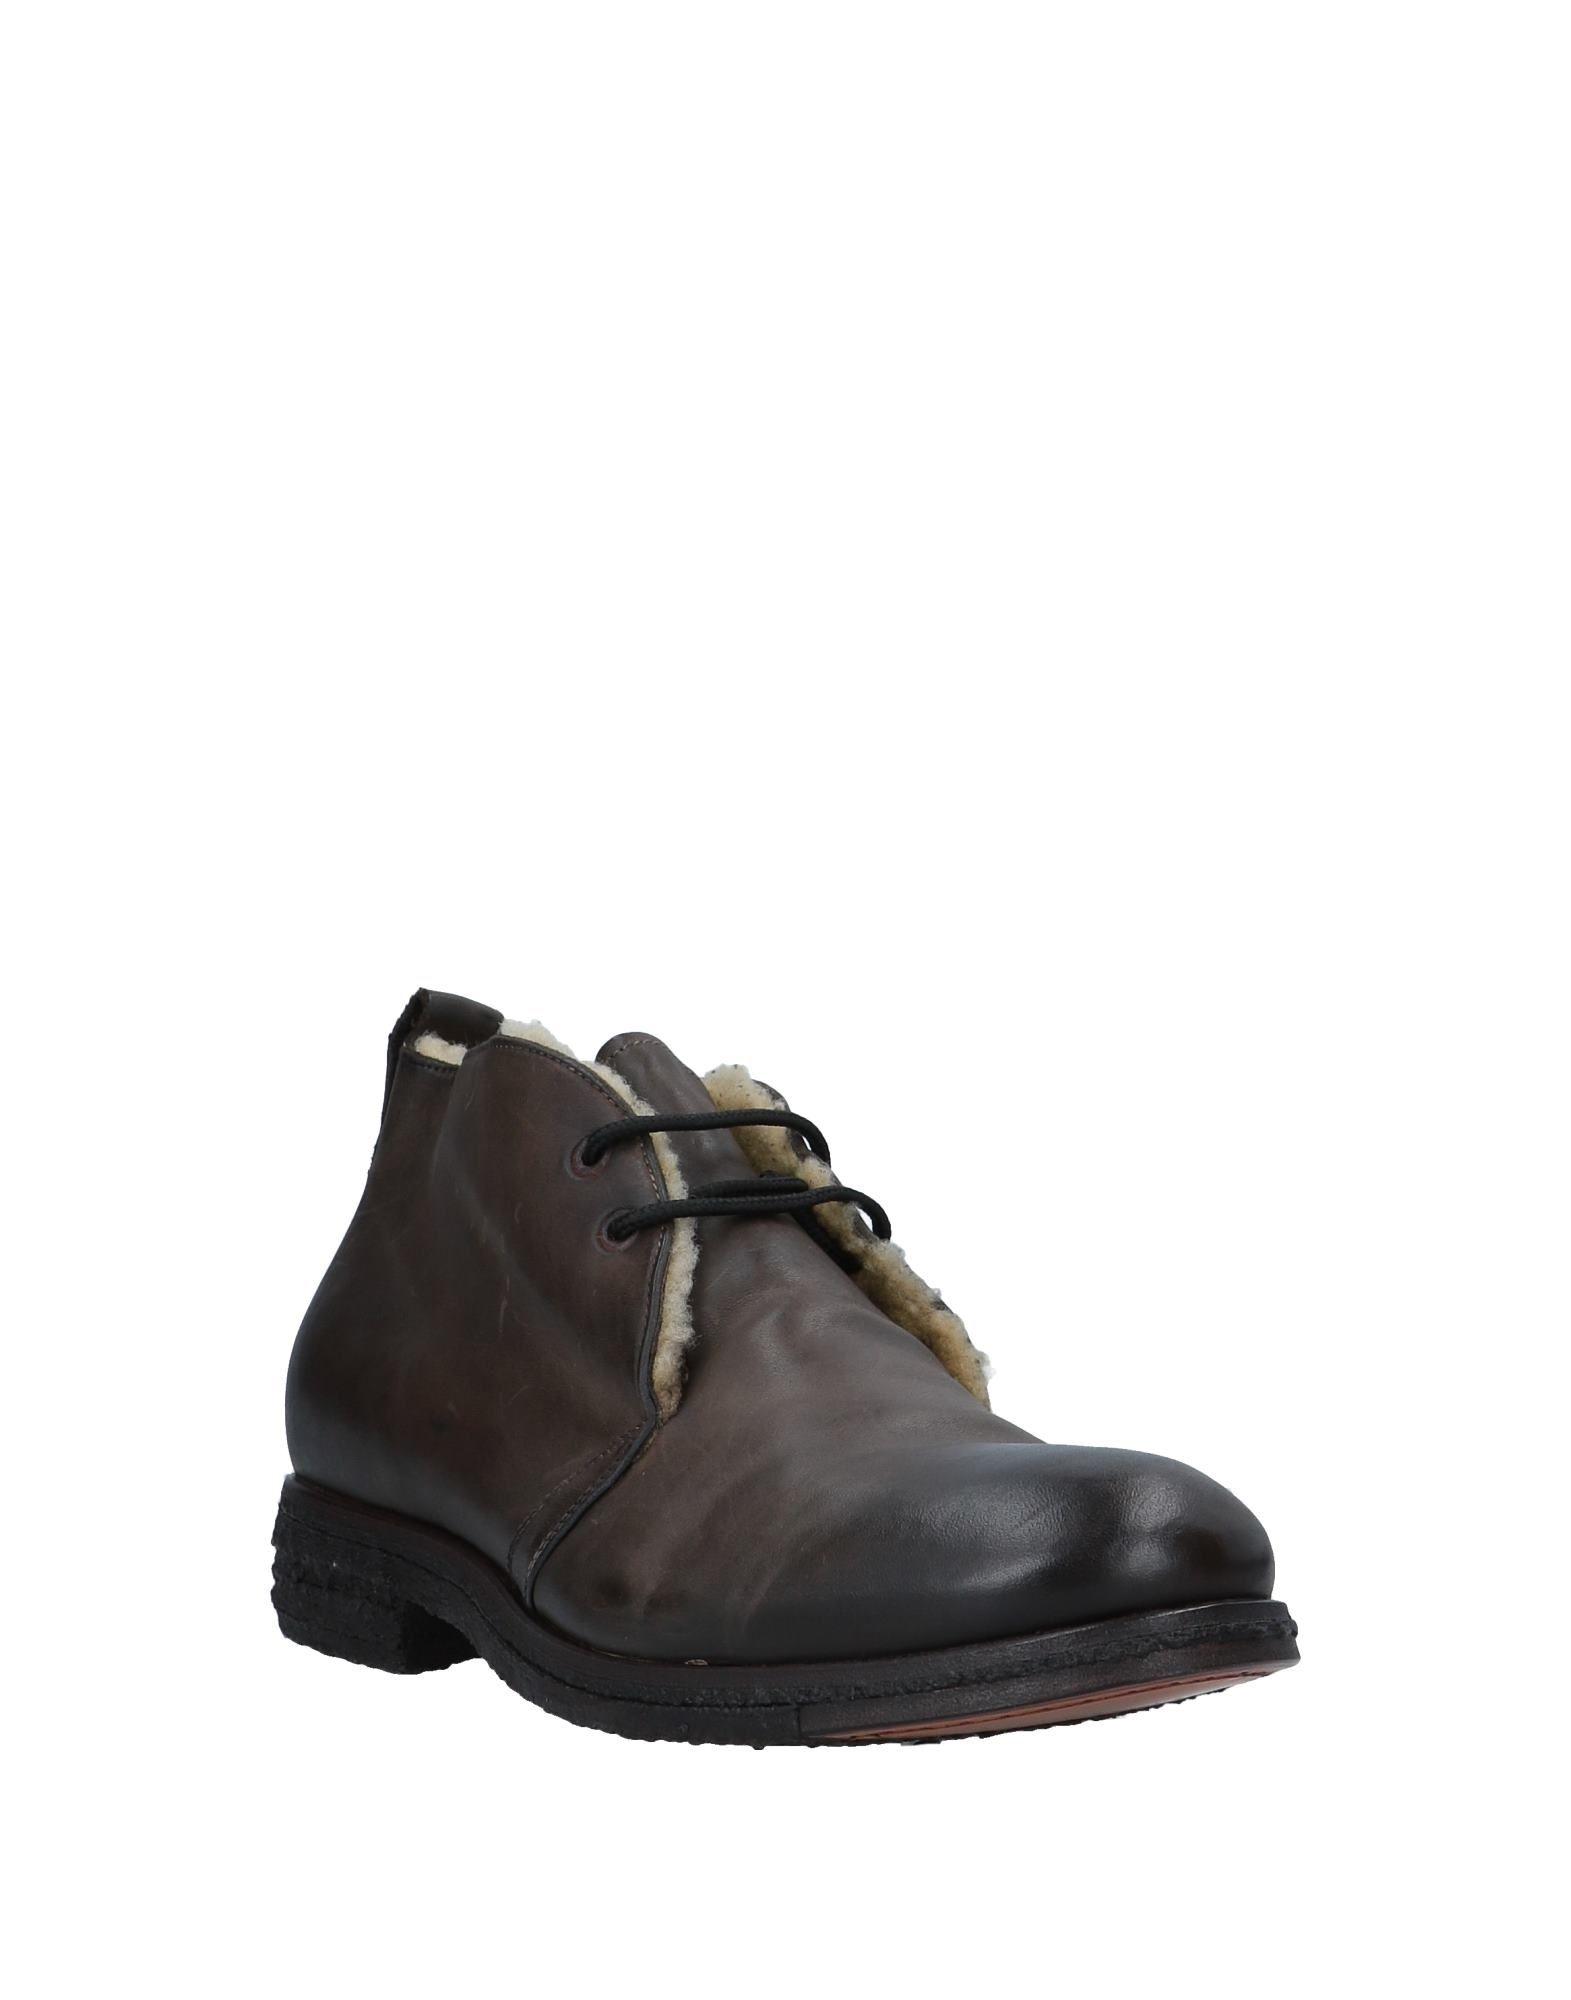 Raparo Stiefelette Herren beliebte  11536987GU Gute Qualität beliebte Herren Schuhe ae7411